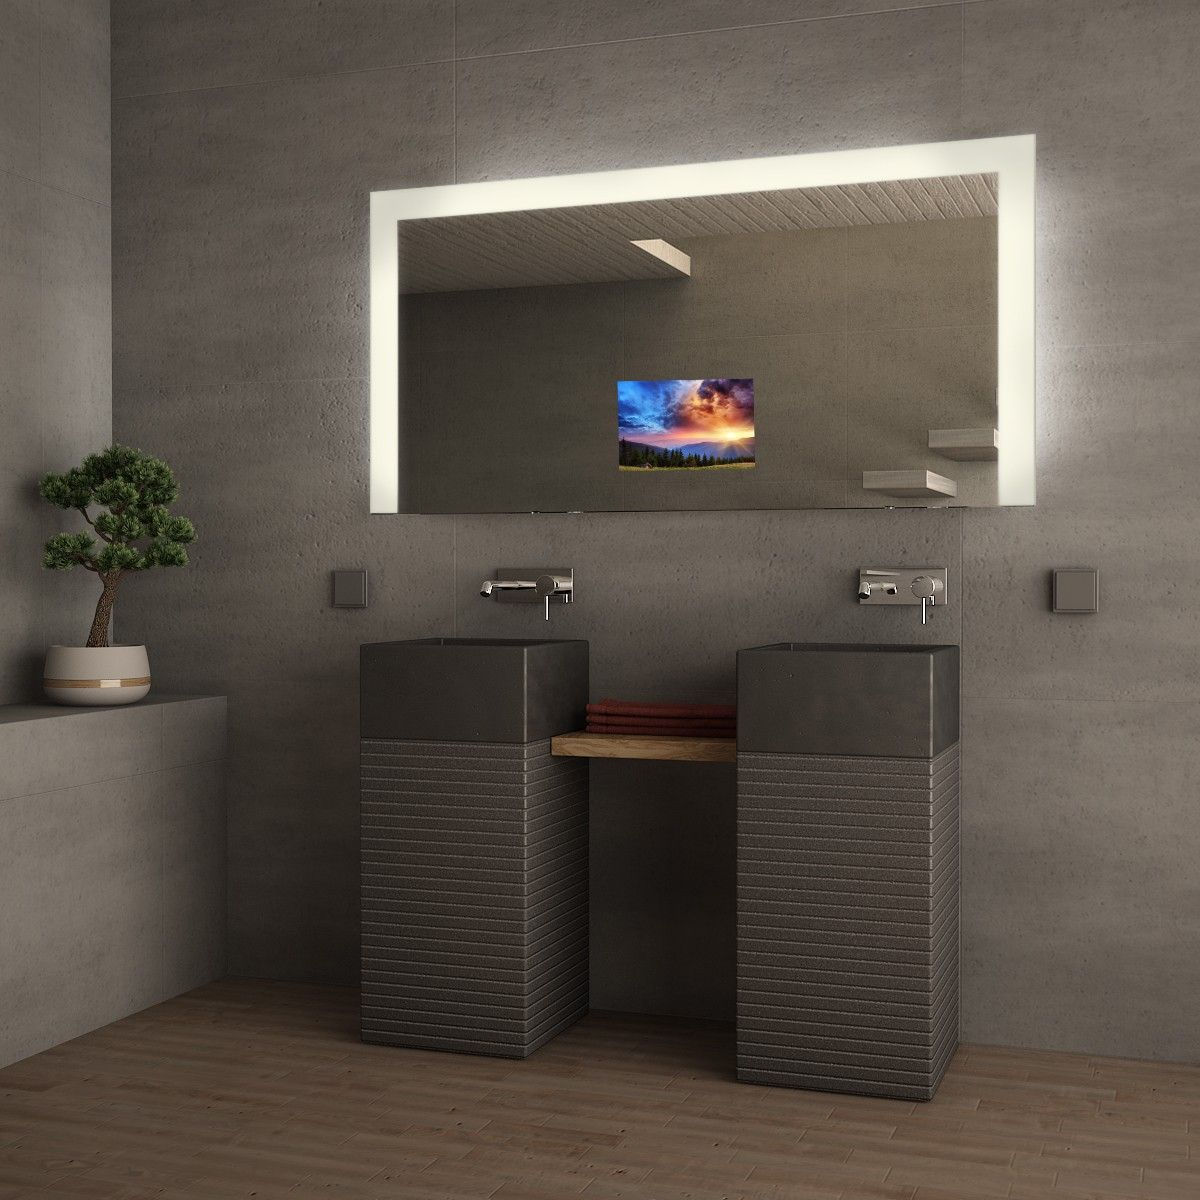 Tv Spiegel Alegra Badspiegel Beleuchtet Badezimmer Design